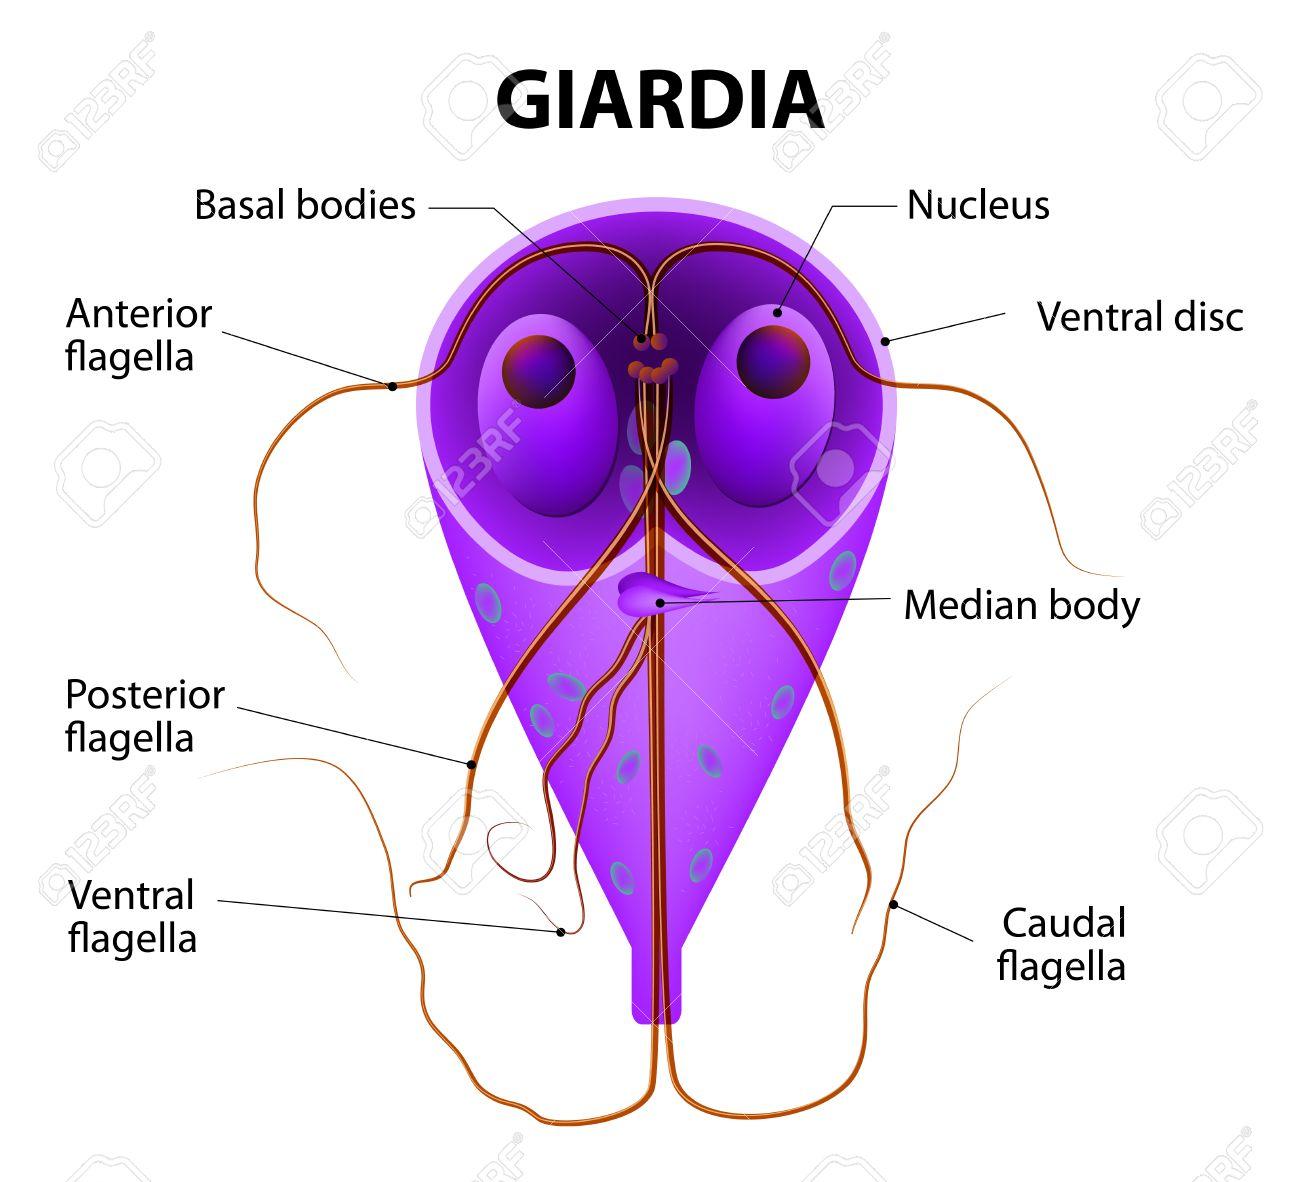 képek a giardia protozoákról rák és genetika